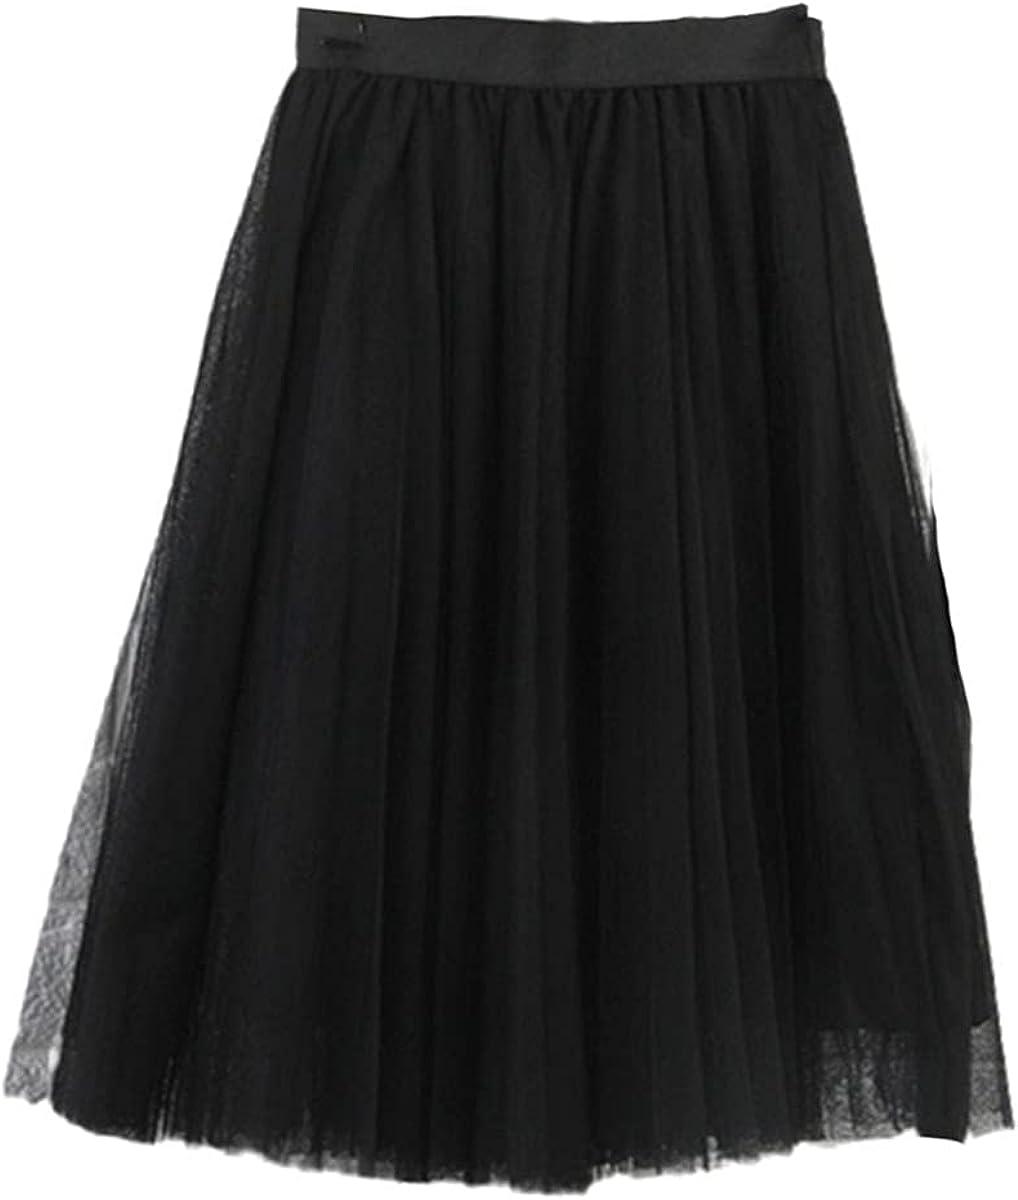 4-Layer Tulle Skirt Women's Black Gray White Adult Tulle Skirt Stretch High Waist Pleated Midi Skirt